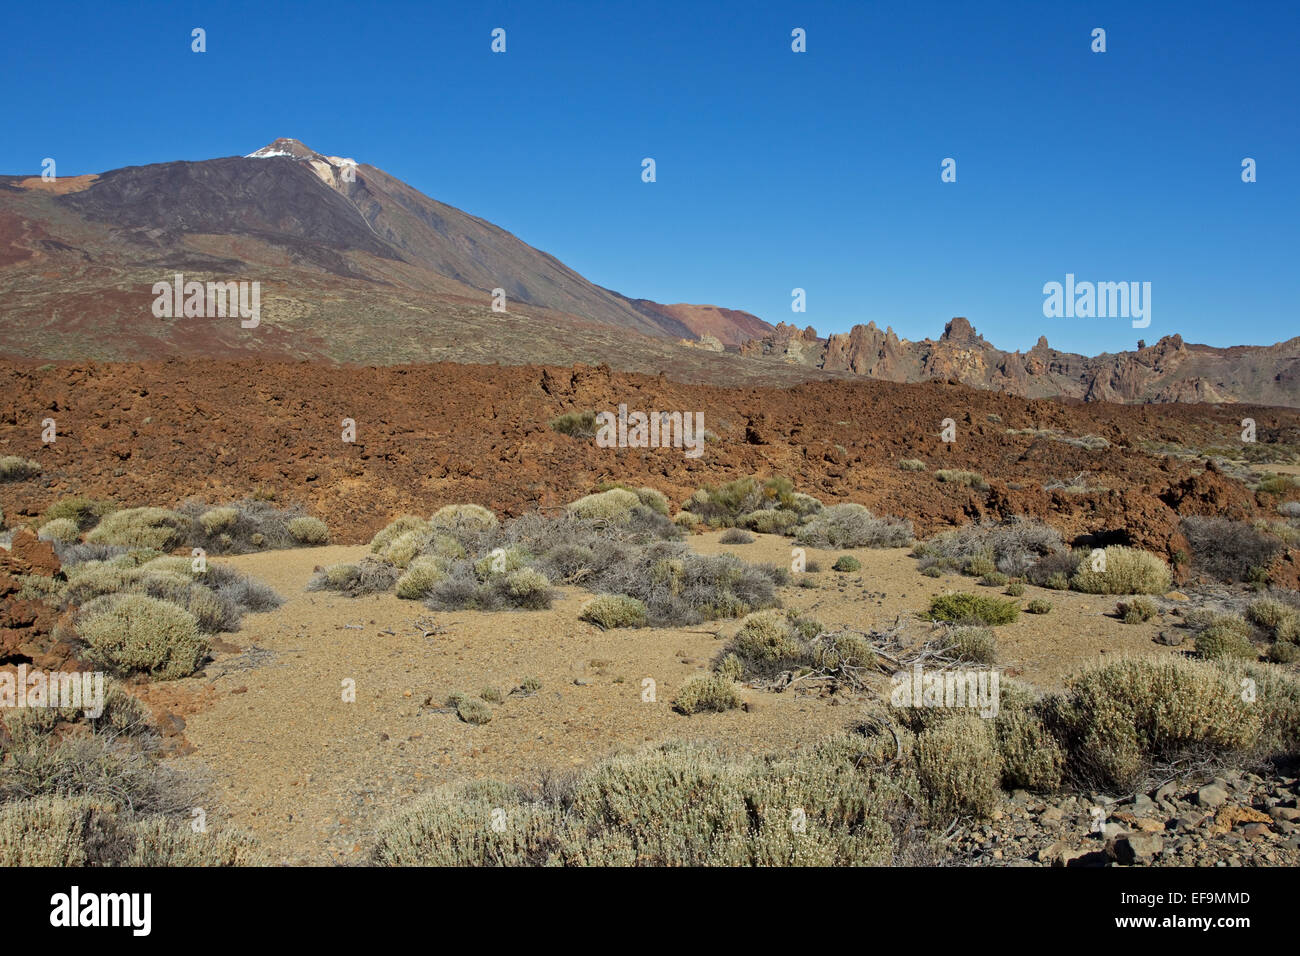 Volcano Teide Los Roques de Garcia, Llano de Ucanca, Las Cañadas del Teide, - Stock Image